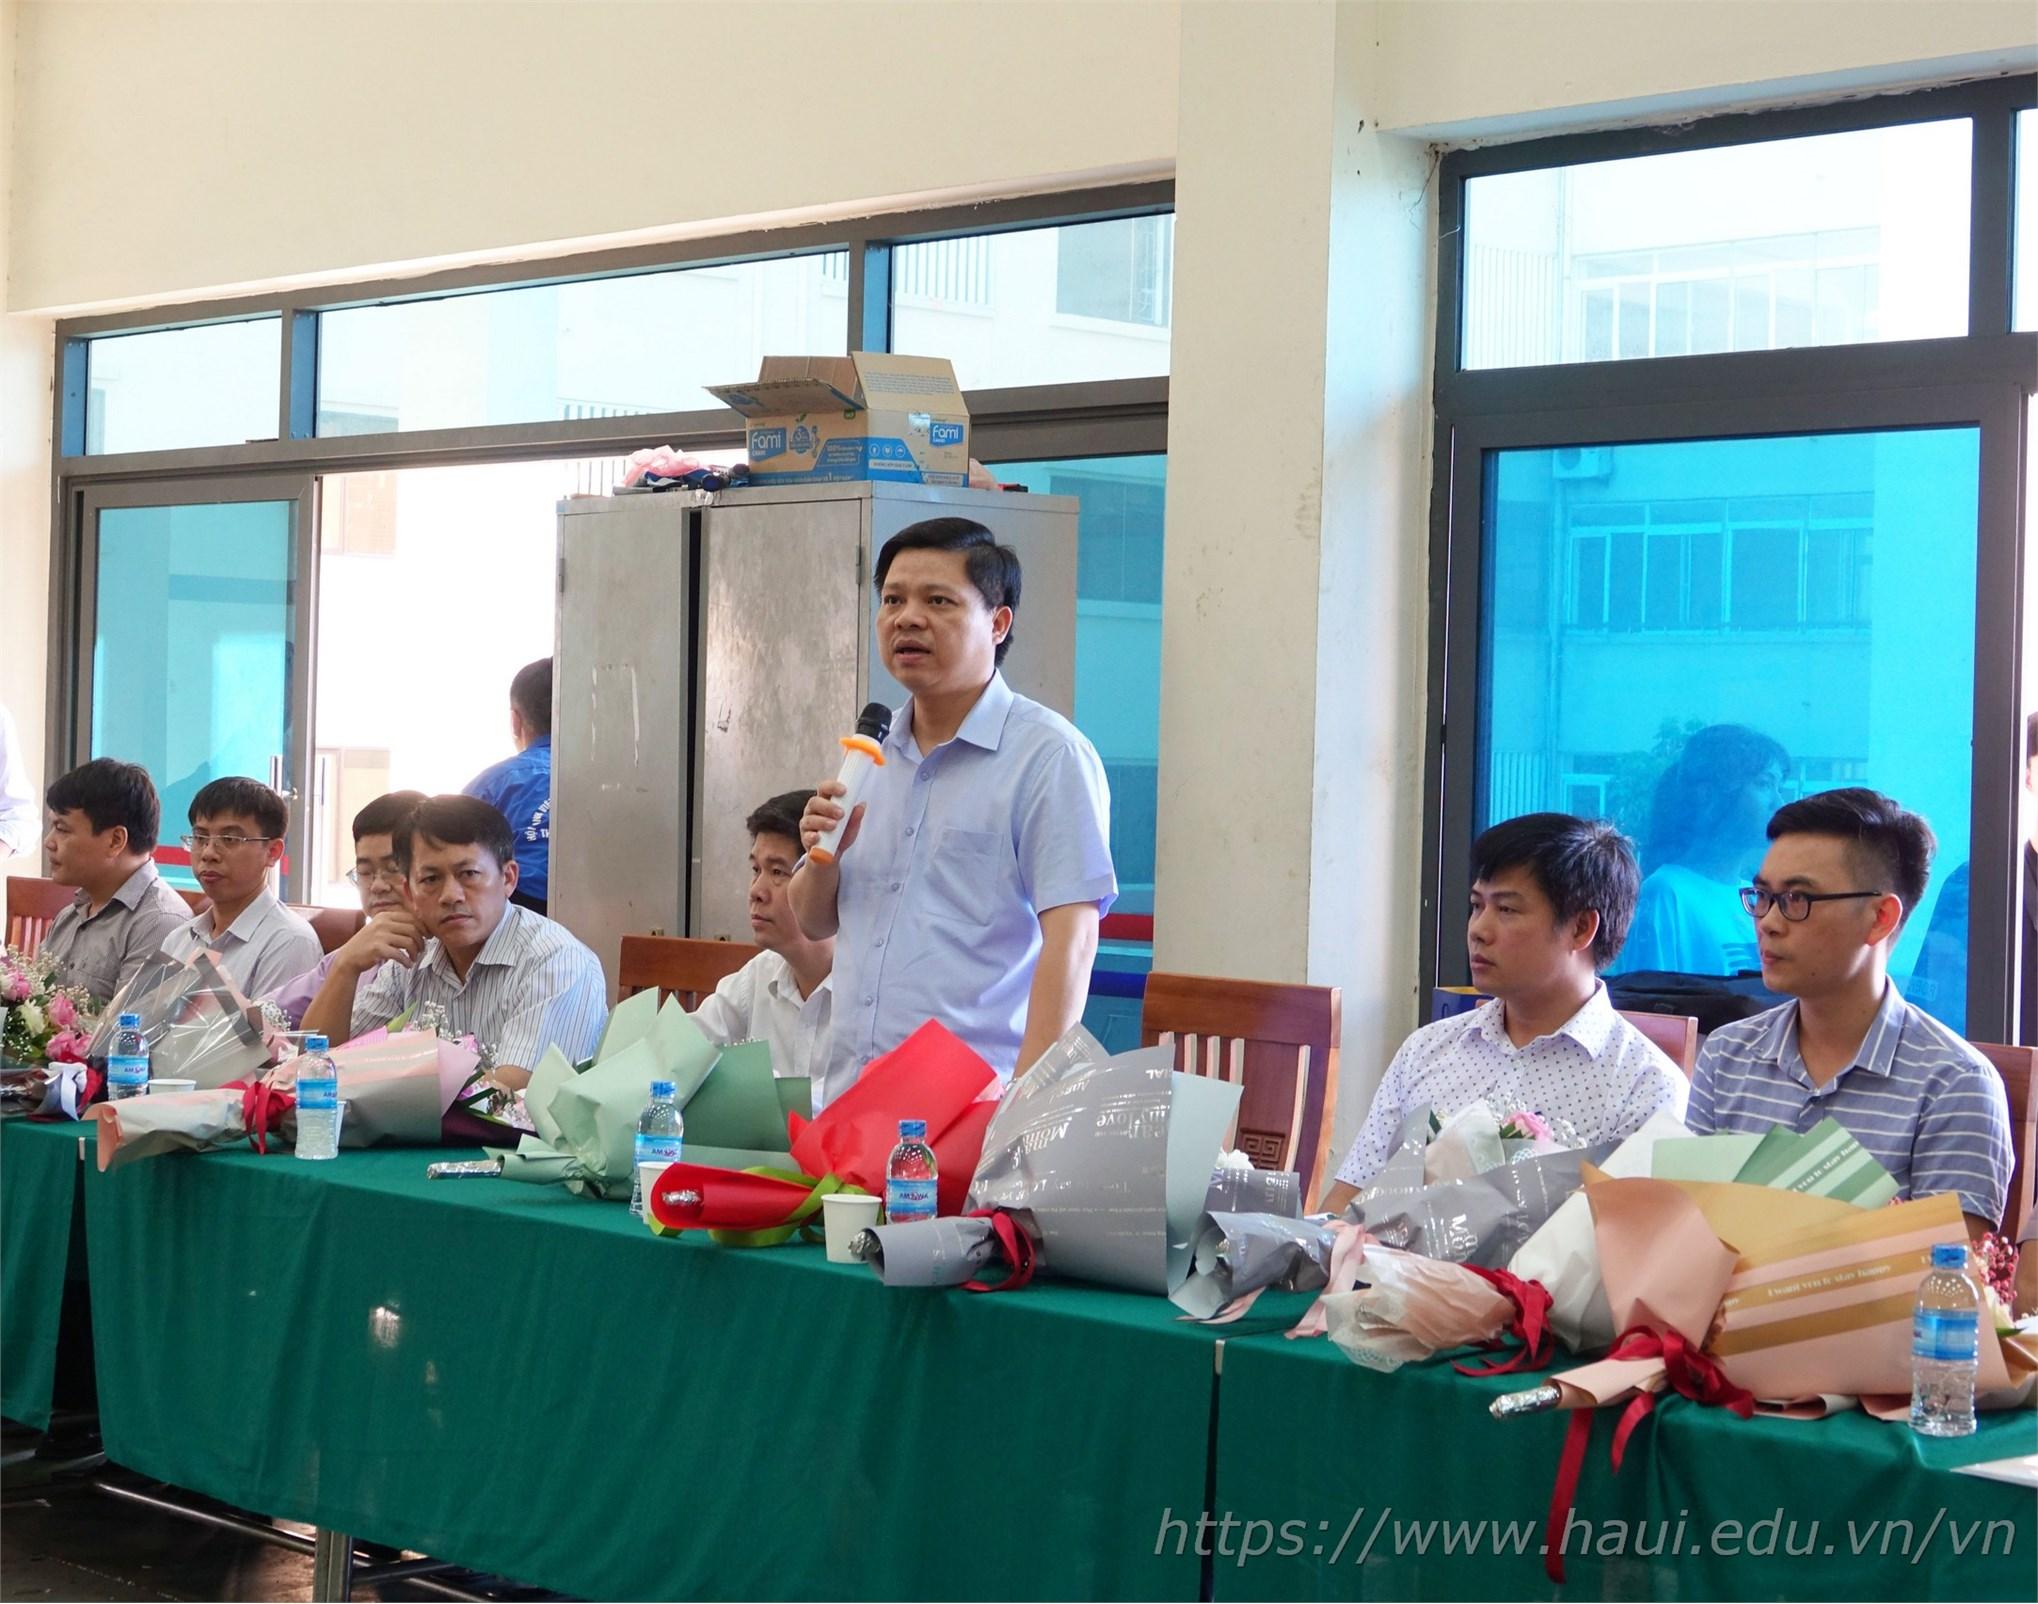 PGS.TS. Phạm Văn Đông – Trưởng phòng Khoa học Công nghệ phát biểu khai mạc cuộc thi Robocon cấp trường năm 2020